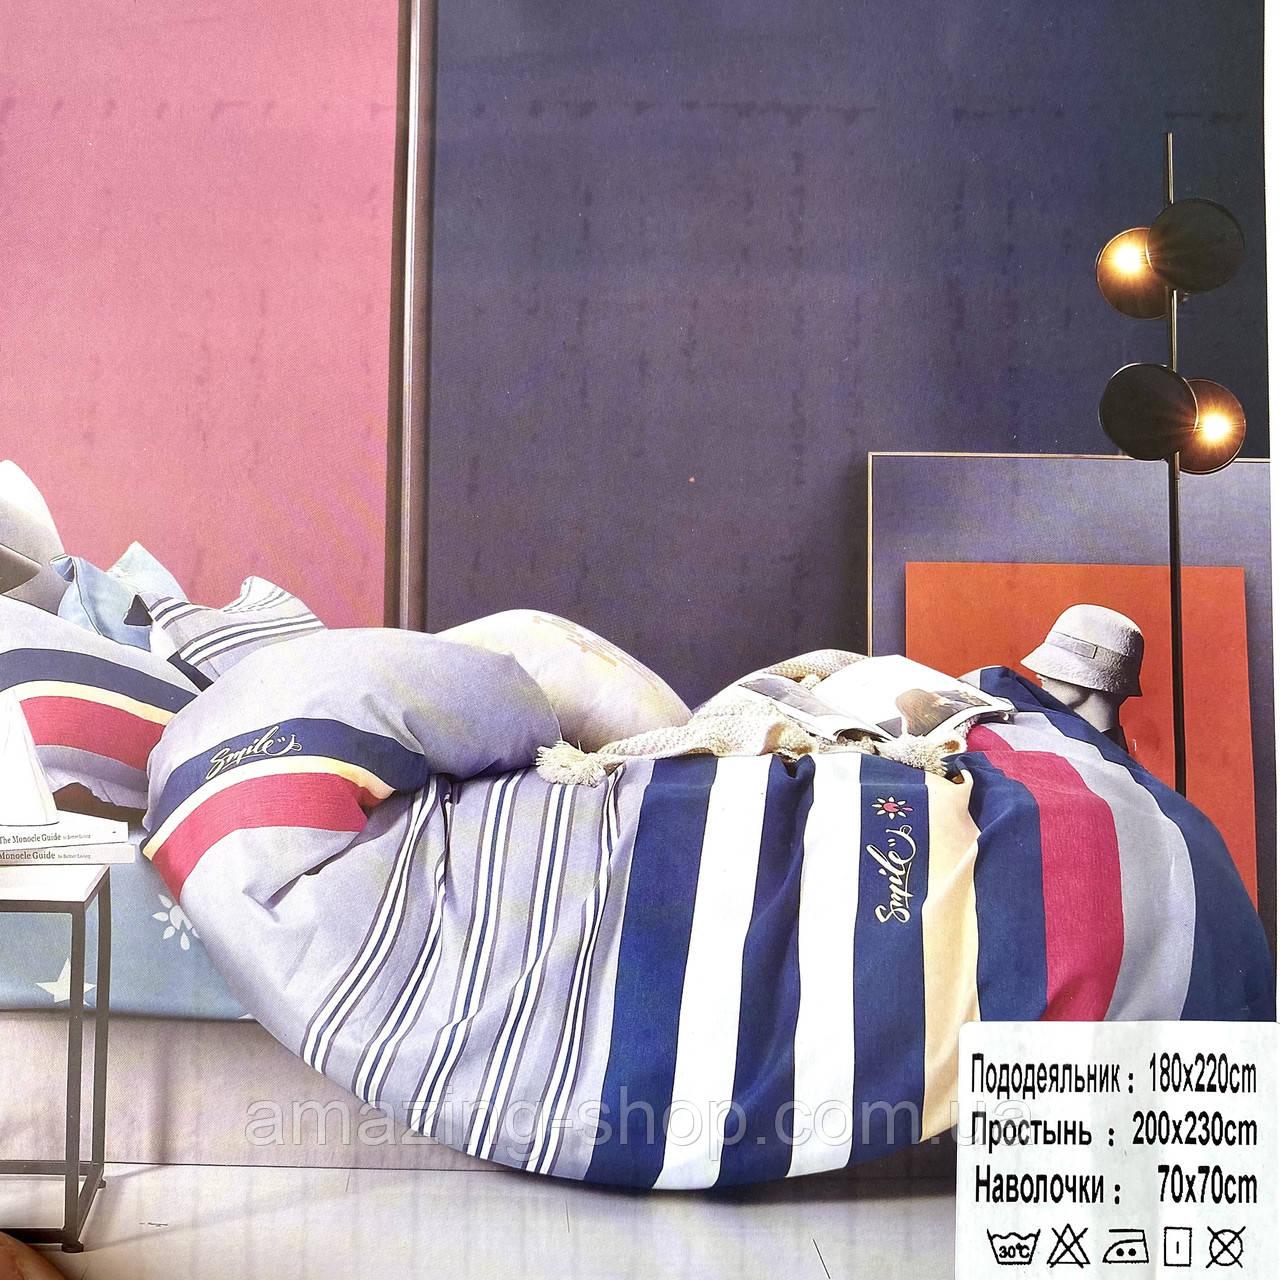 Комплект постельного белья двуспальный с Фланели высокого качества. Постельное белье - хлопок